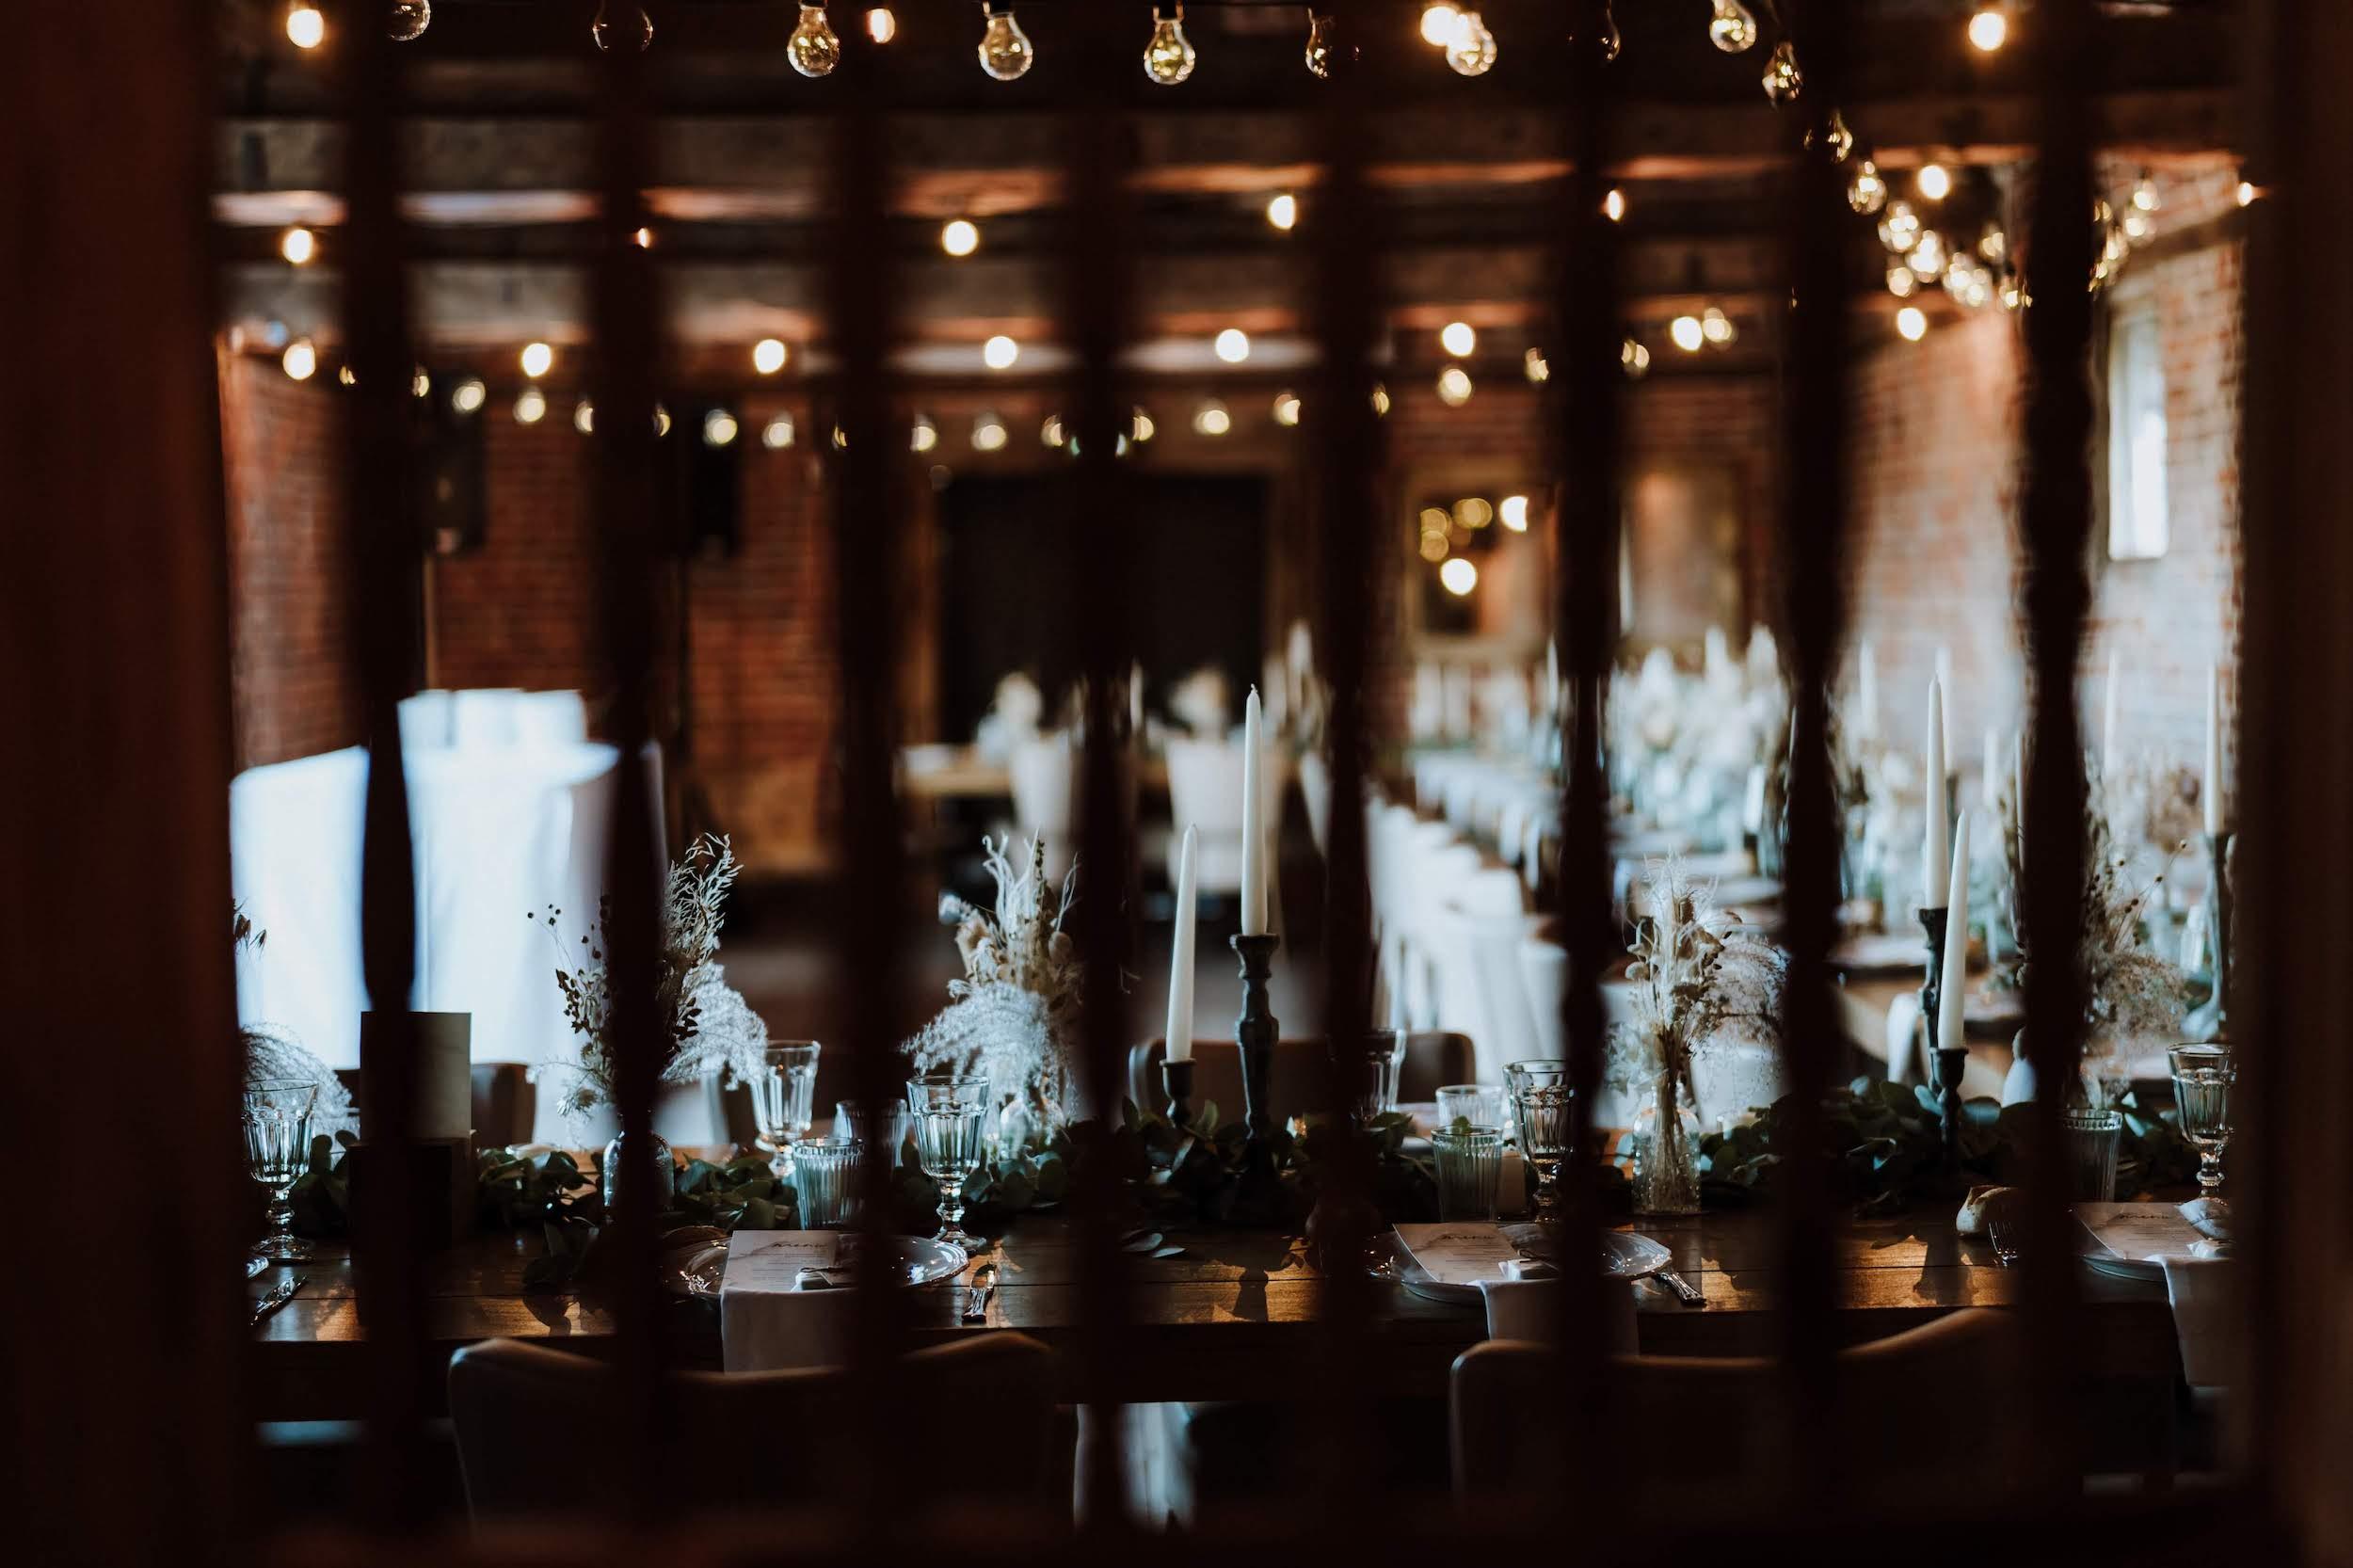 Reflets Fleurs - Scenographie florale - Fleuriste - Mariage - Evenements - Paris Vincennes Normandie - Mariage Kinfolk petit comité